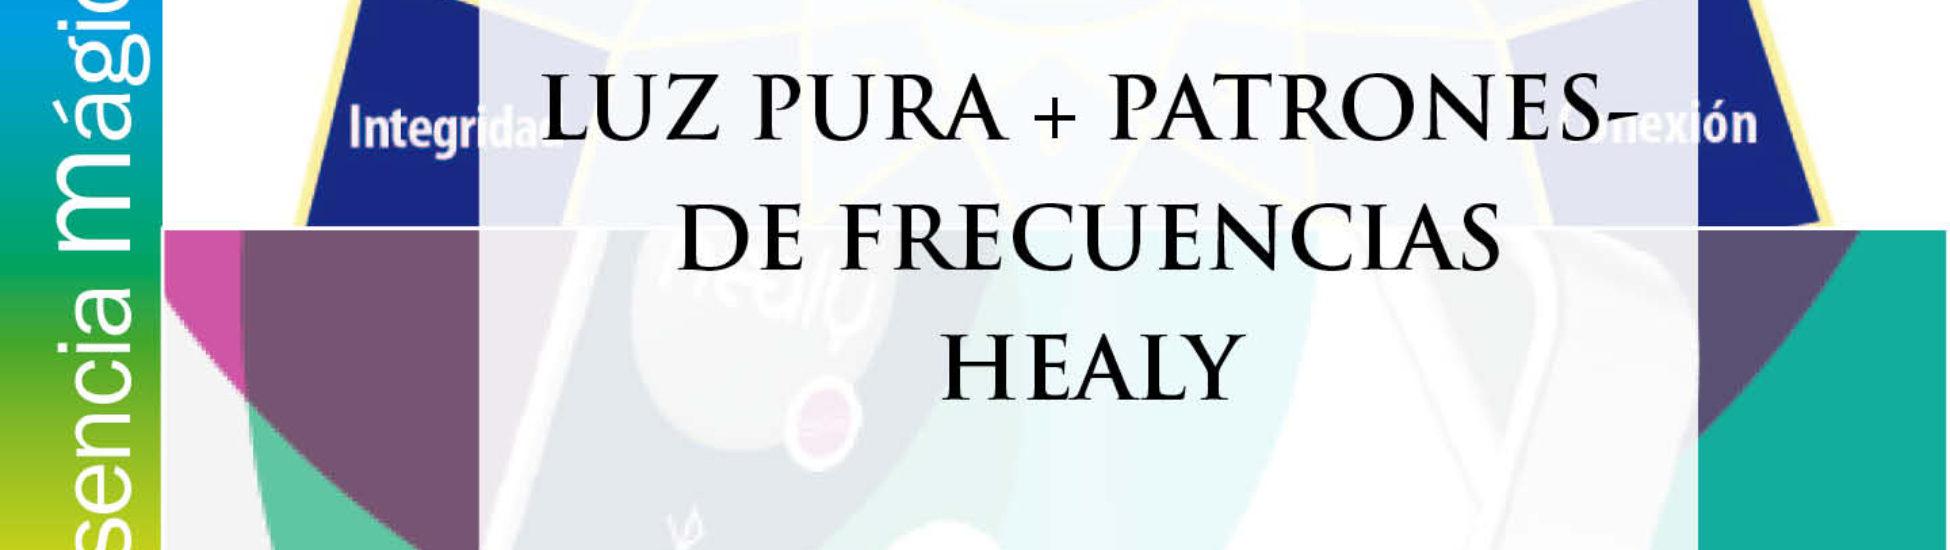 HEALY+LUZ PURA